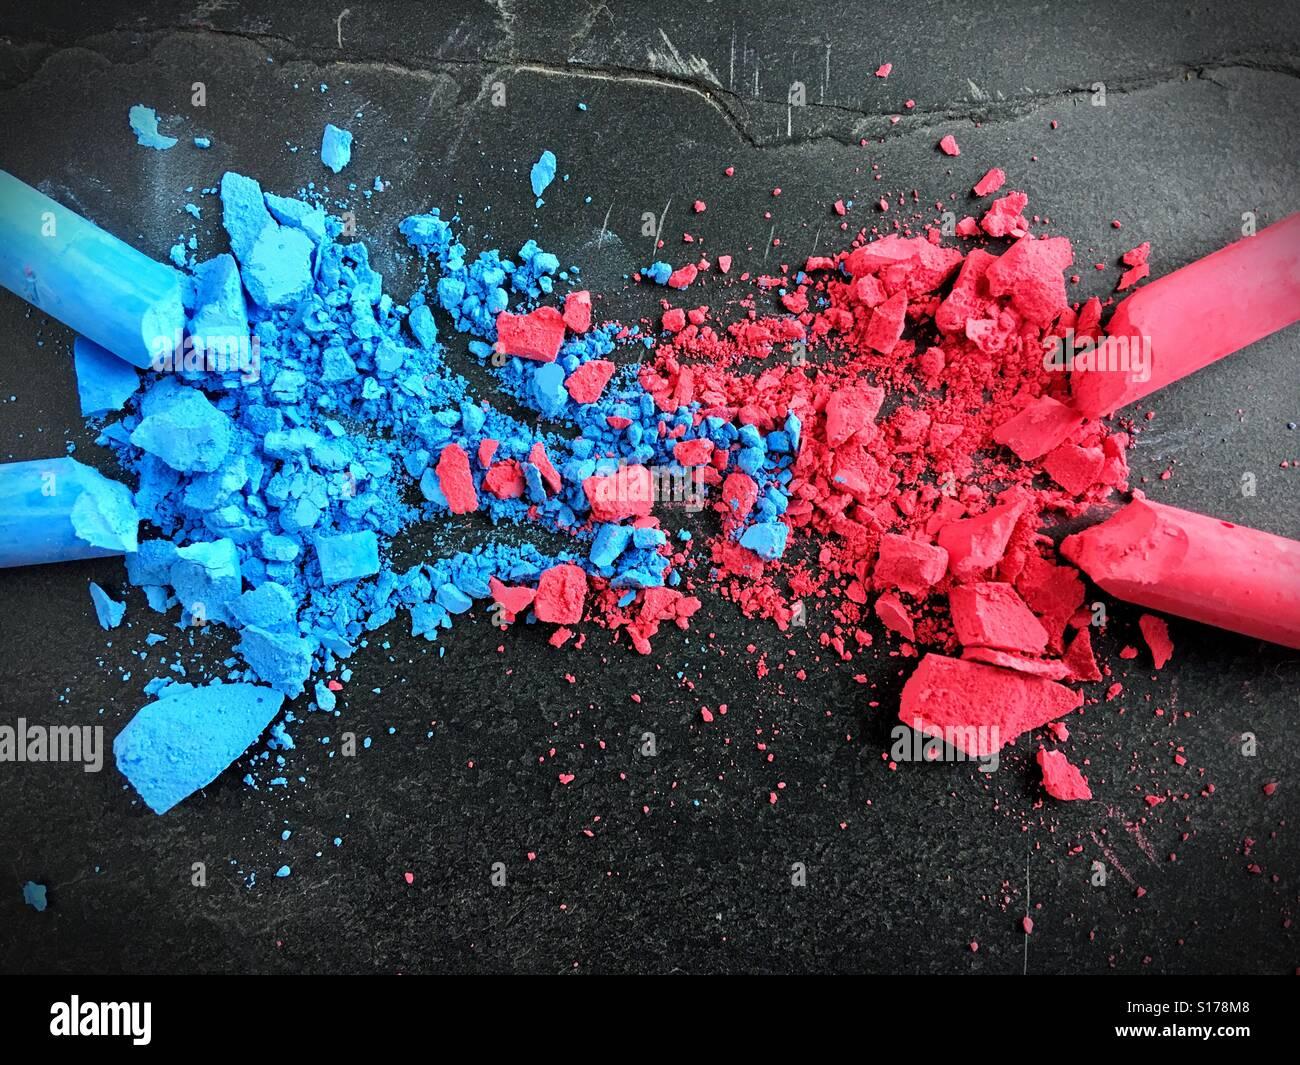 Eine Mischung aus rosa und blauen Kreidestaub. Stockbild